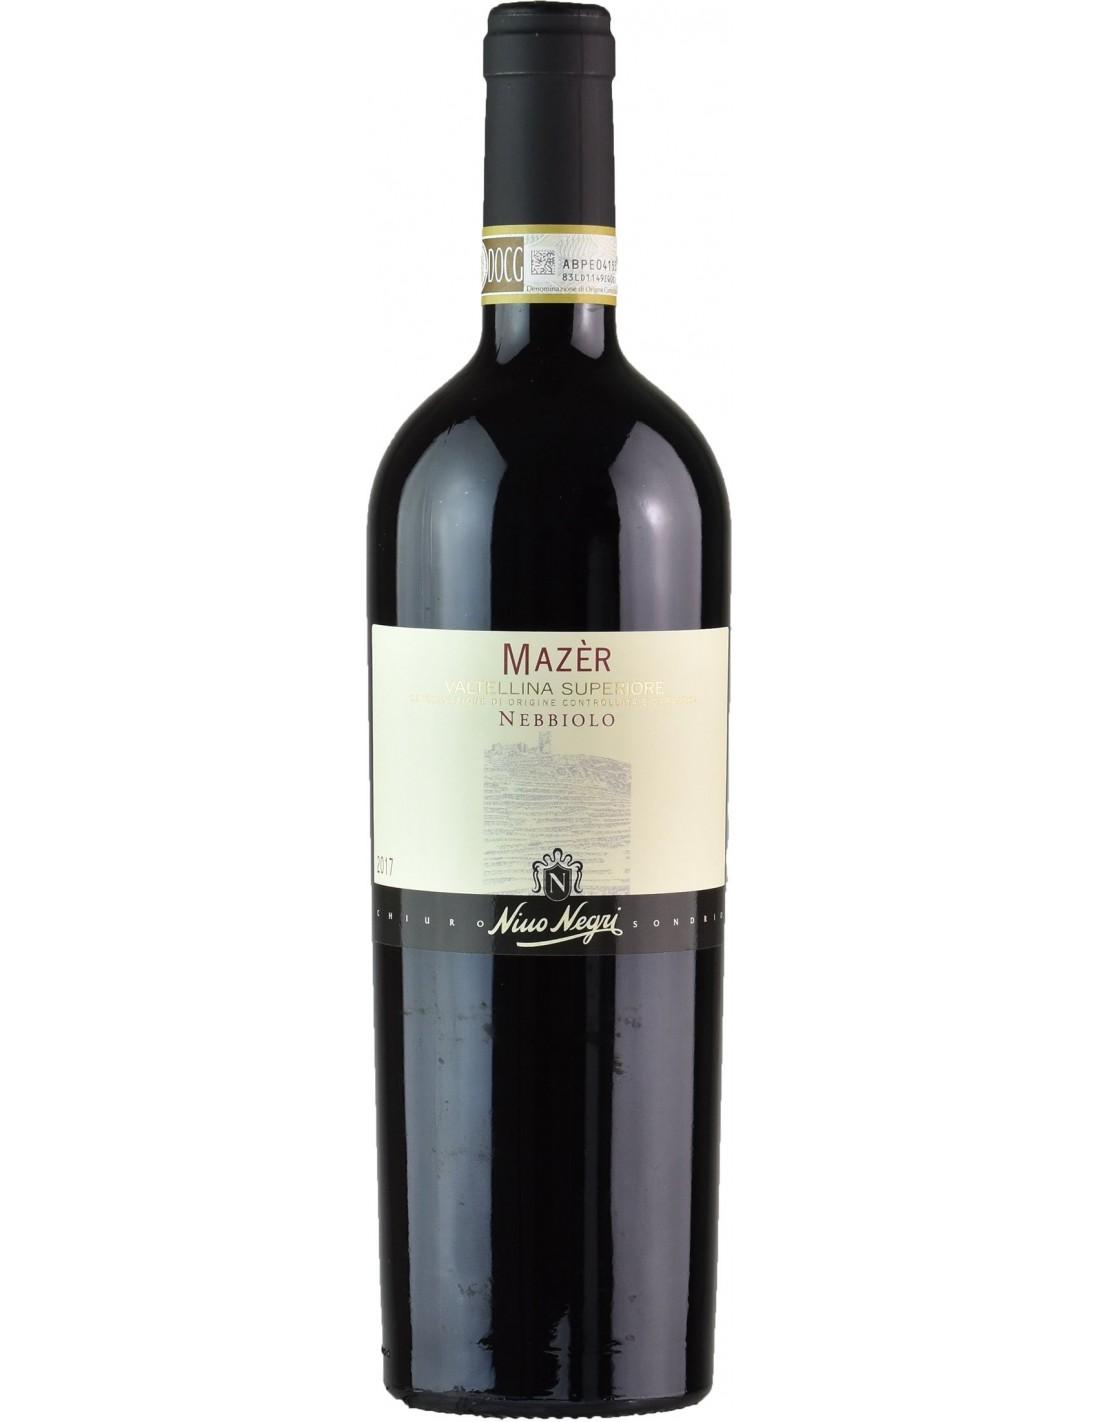 Vin rosu, Nebbiolo, Nino Negri Mazer Valtellina Superiore, 13.5% alc., 0.75L, Italia